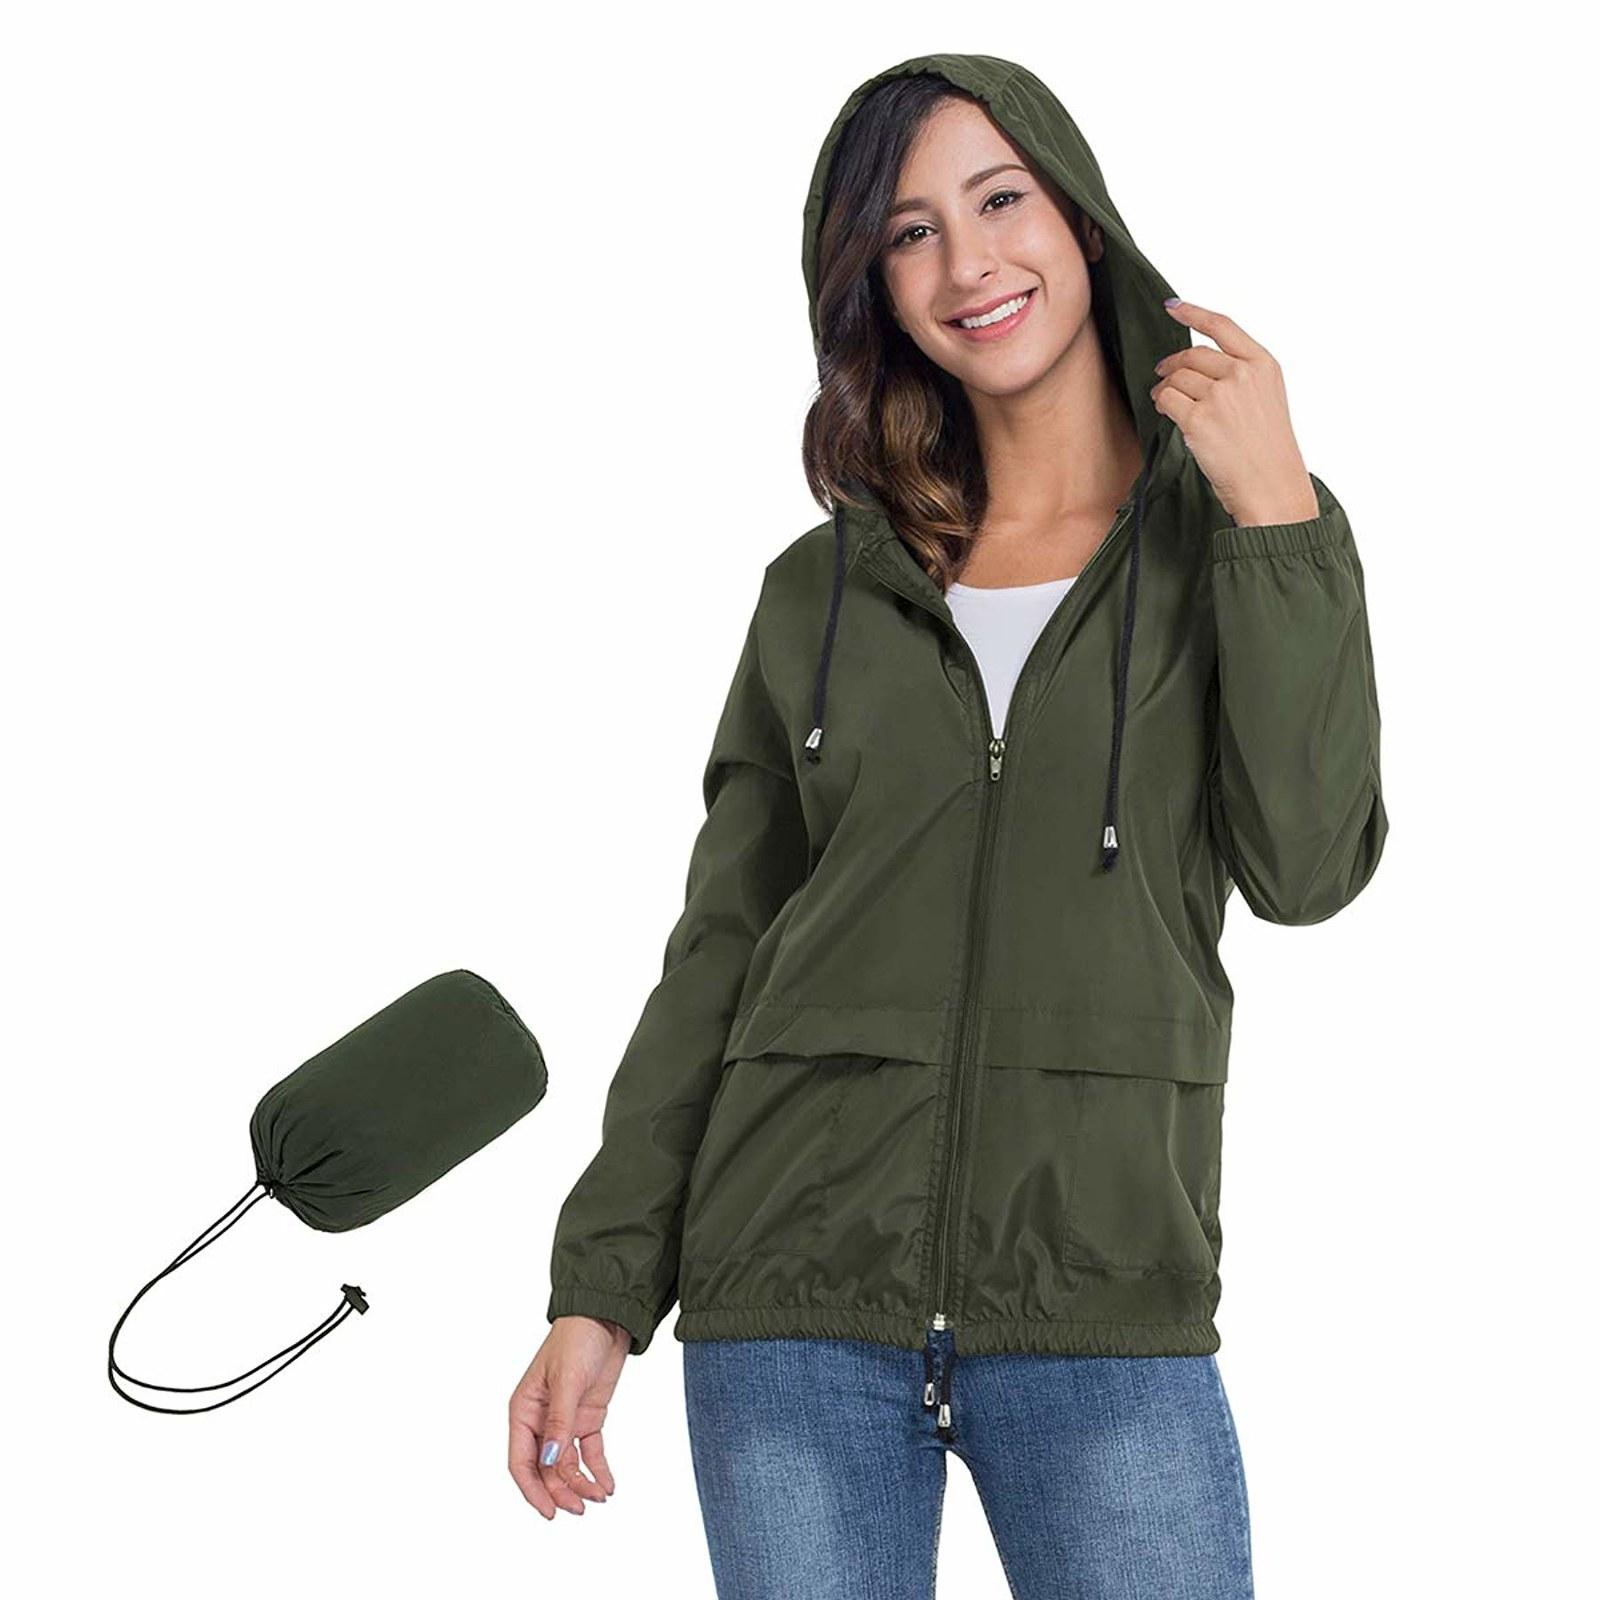 model wearing rain jacket